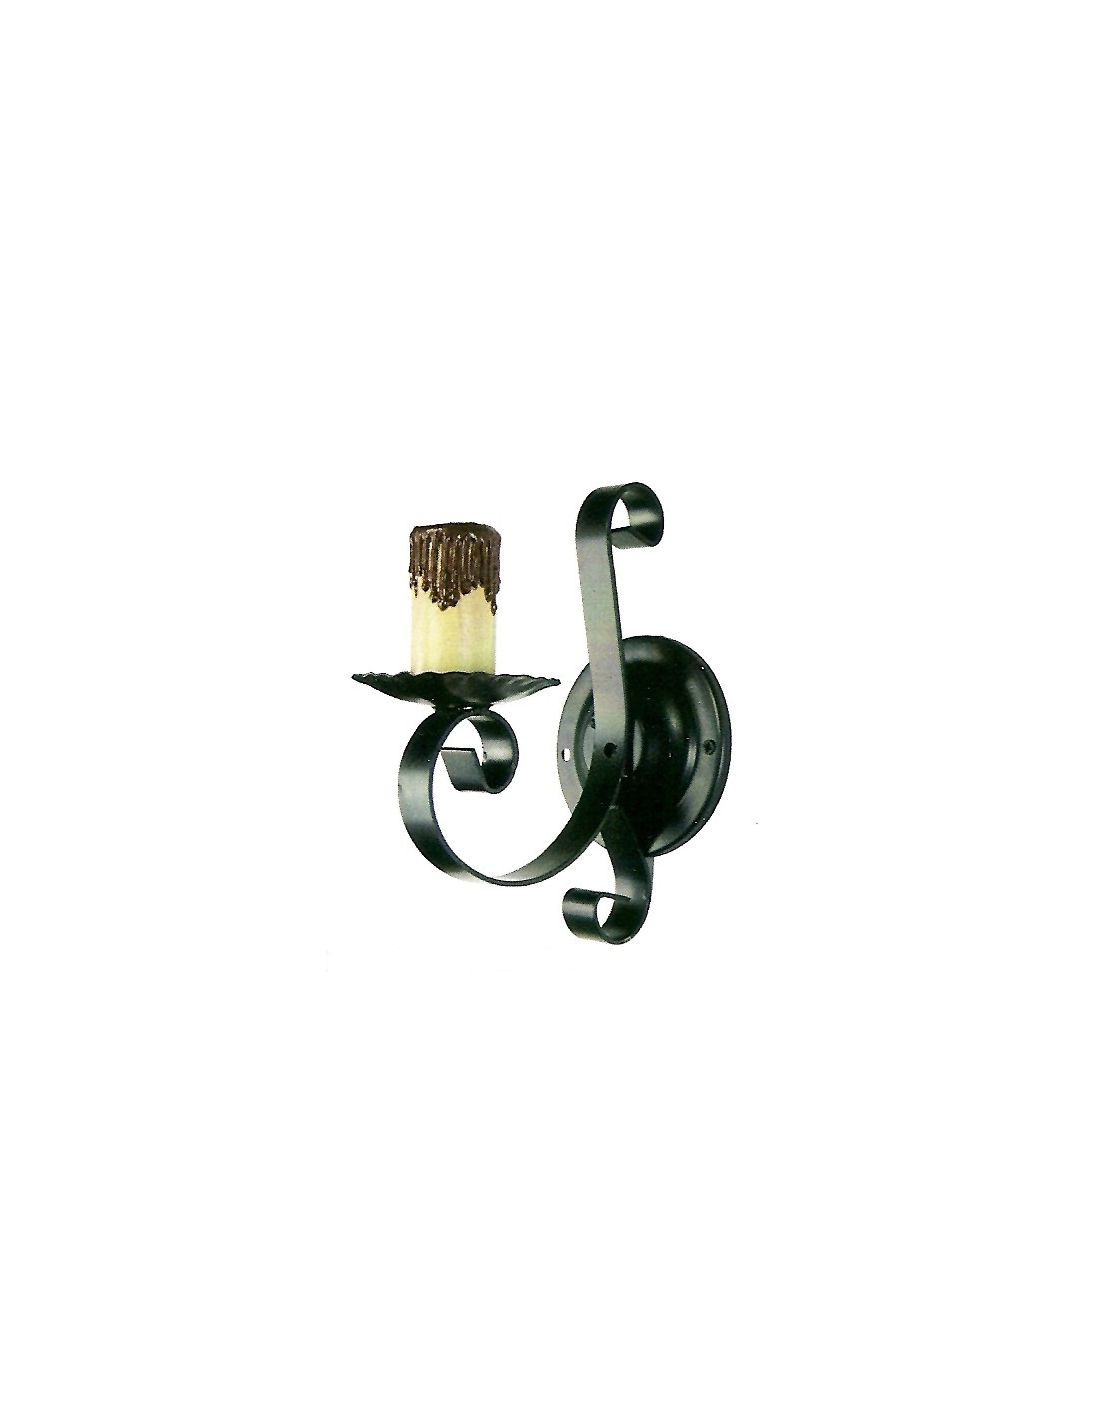 Apliques de hierro baratos env o r pido y seguro - Apliques de pared rusticos ...